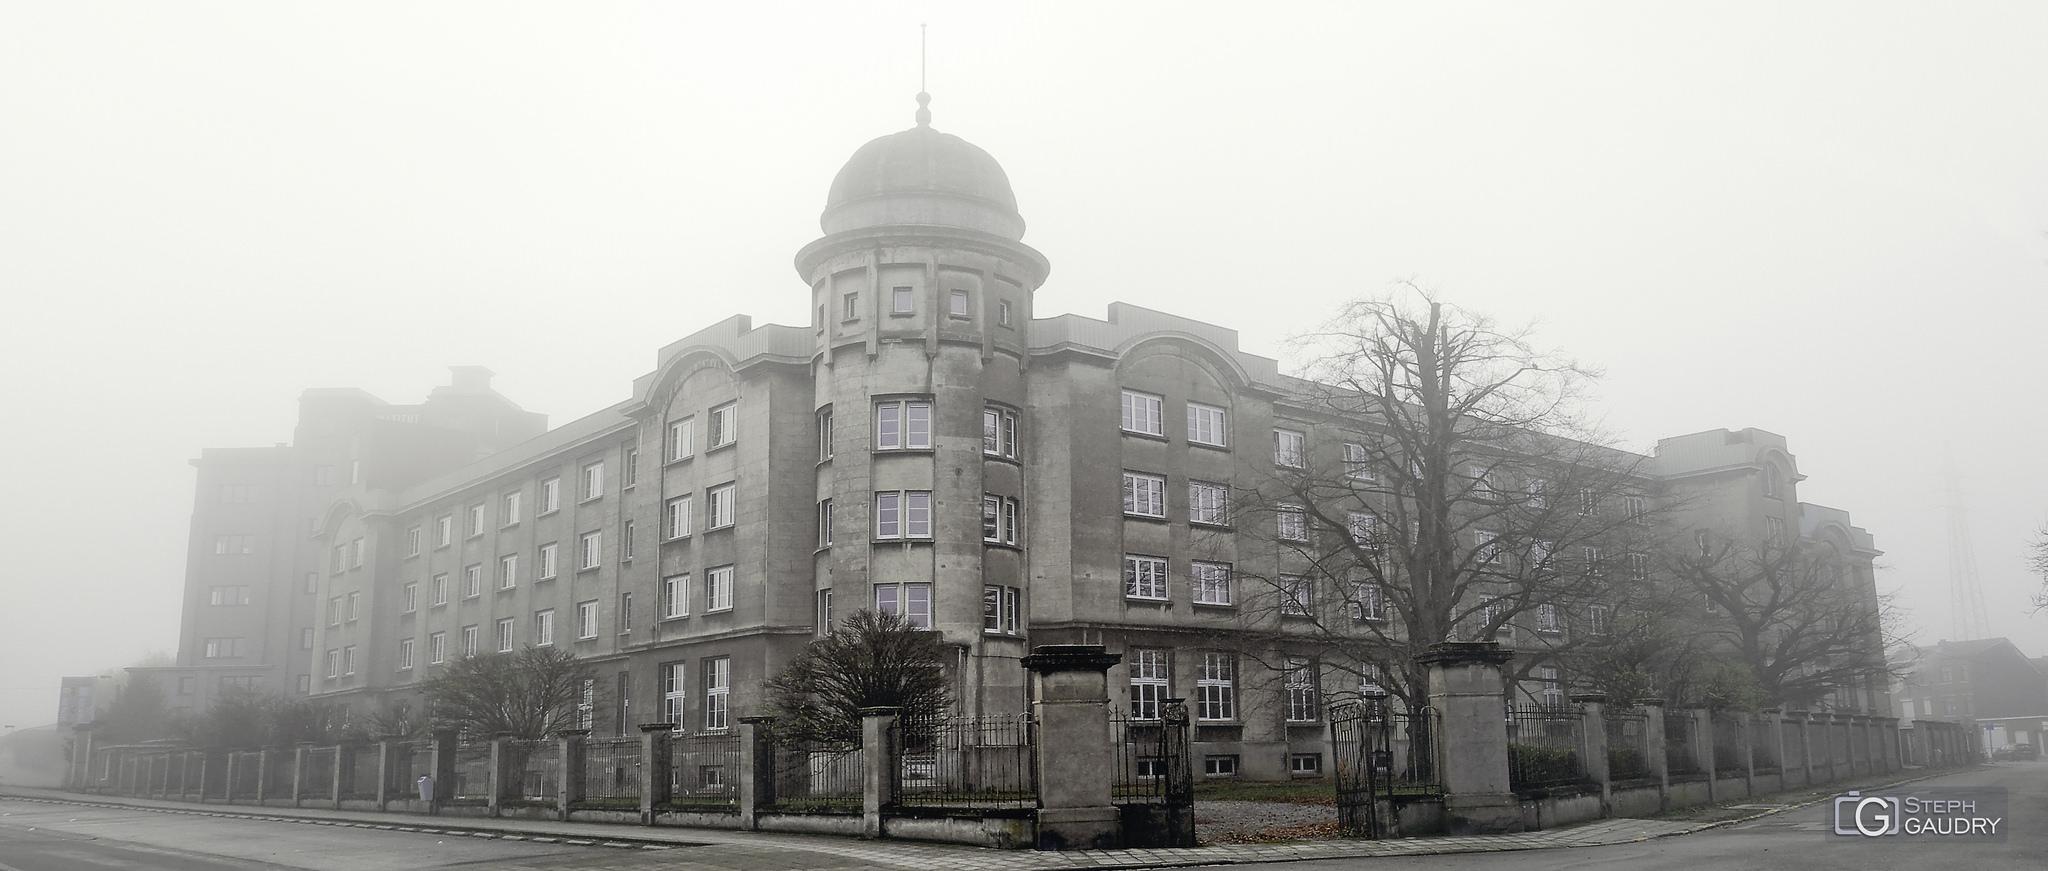 Brouillard ce matin sur Liège... [Cliquez pour lancer le diaporama]